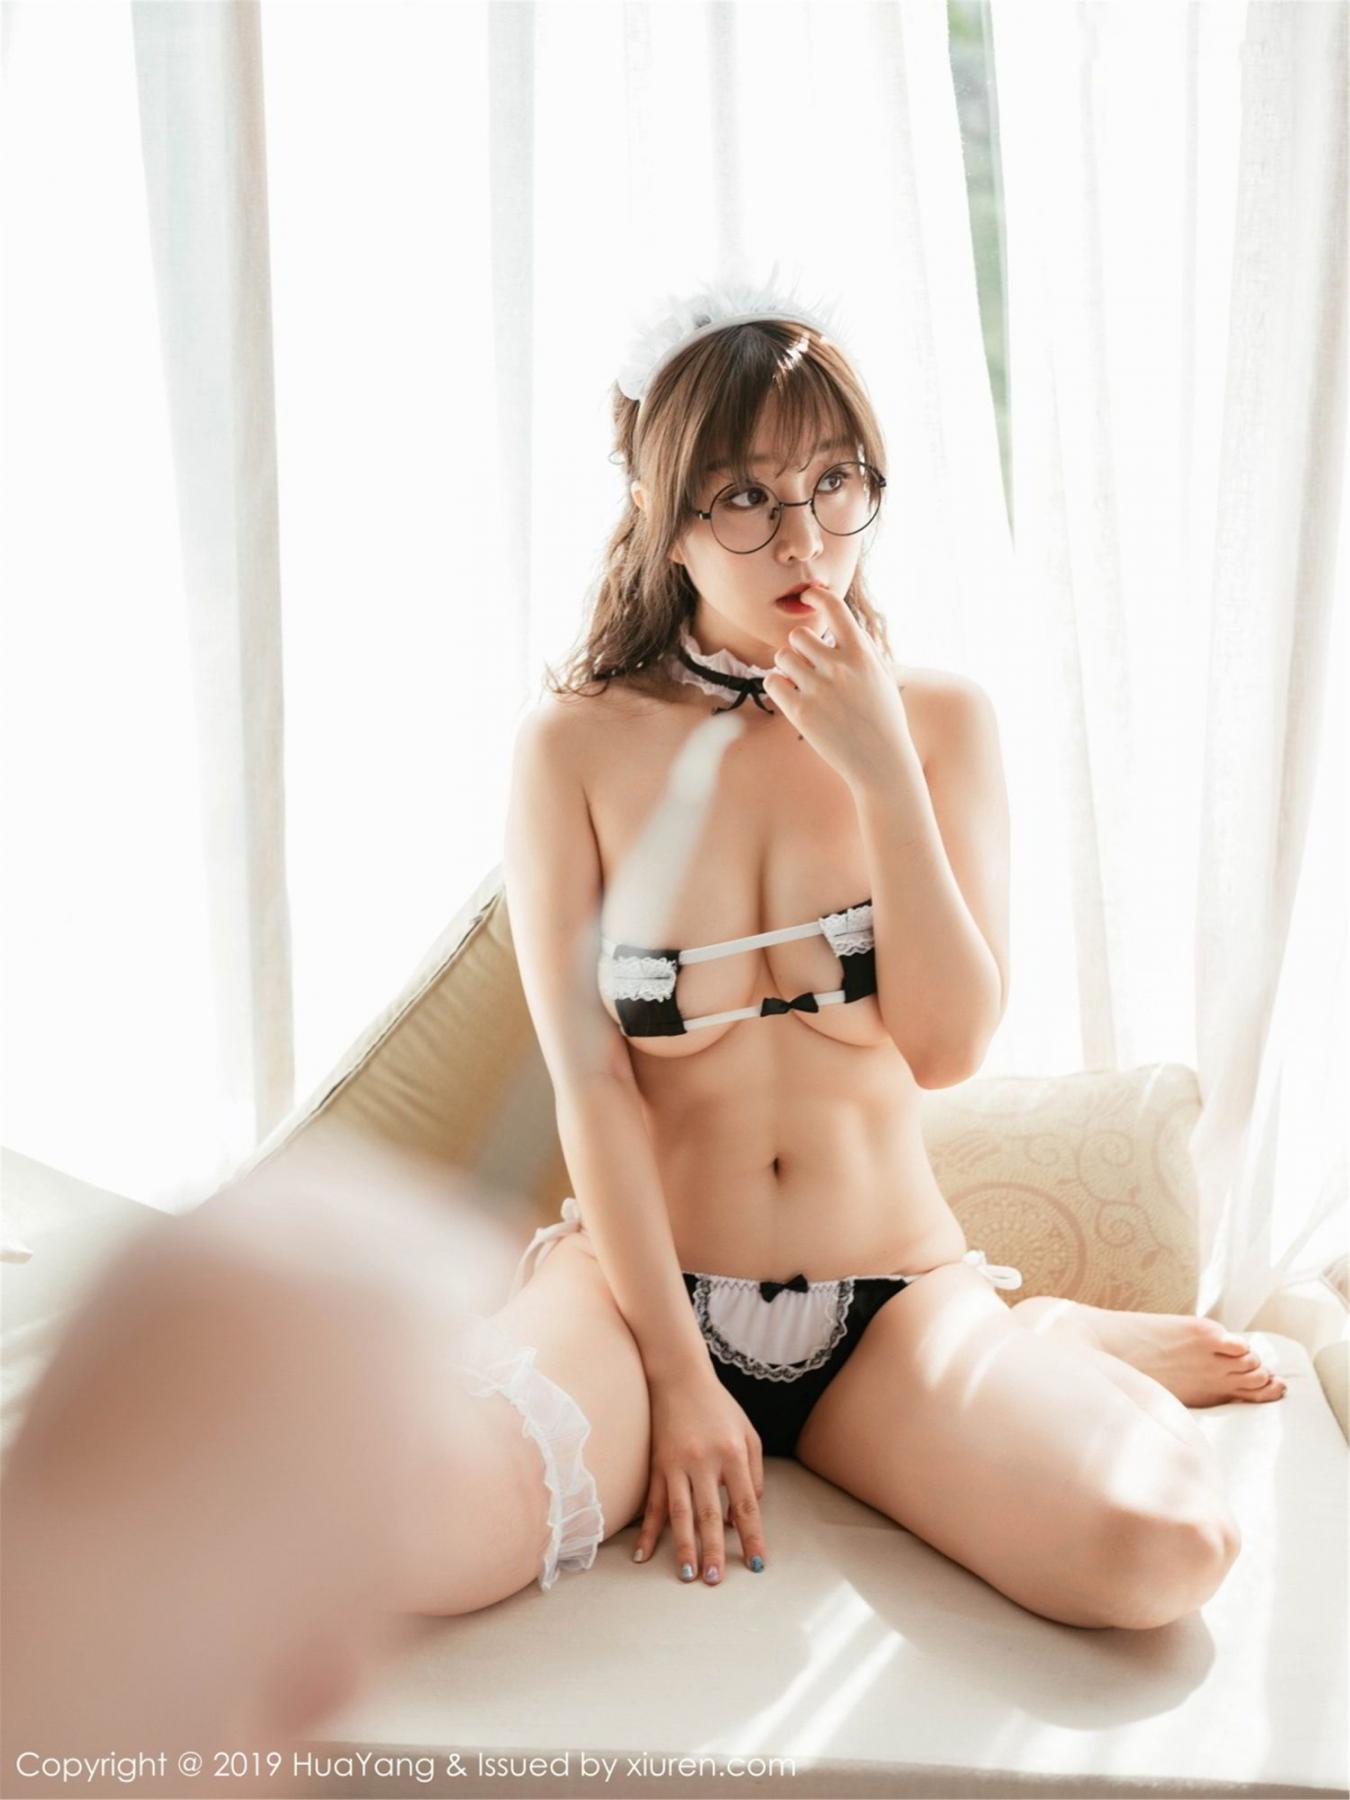 [Huayang] Vol.133 Wang Yu Chun 26P, HuaYang, Maid, Underwear, Wang Yu Chun